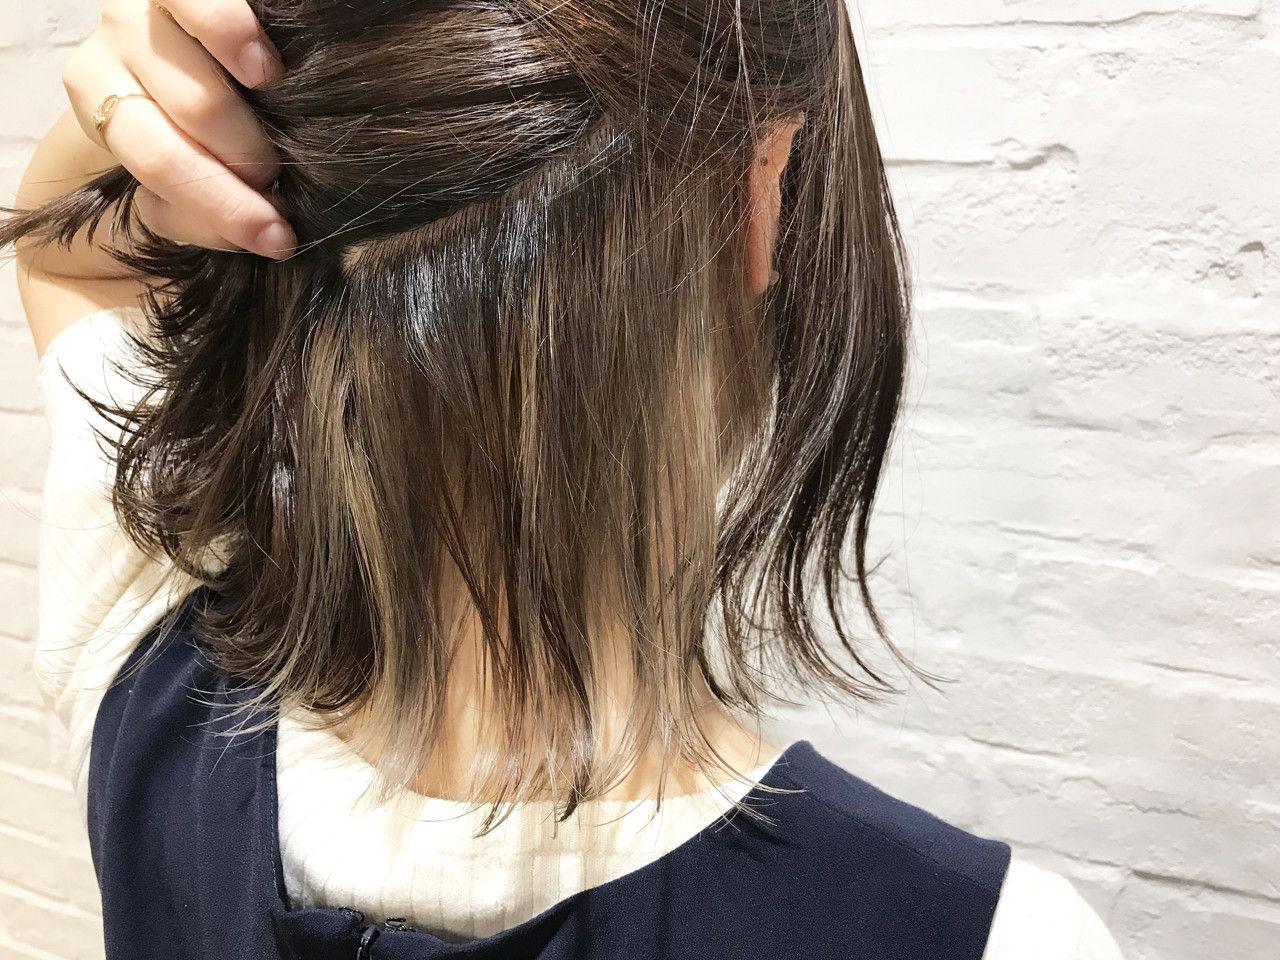 人気の インナーカラー でおしゃれ見せ ヘアスタイル例11選 Hair